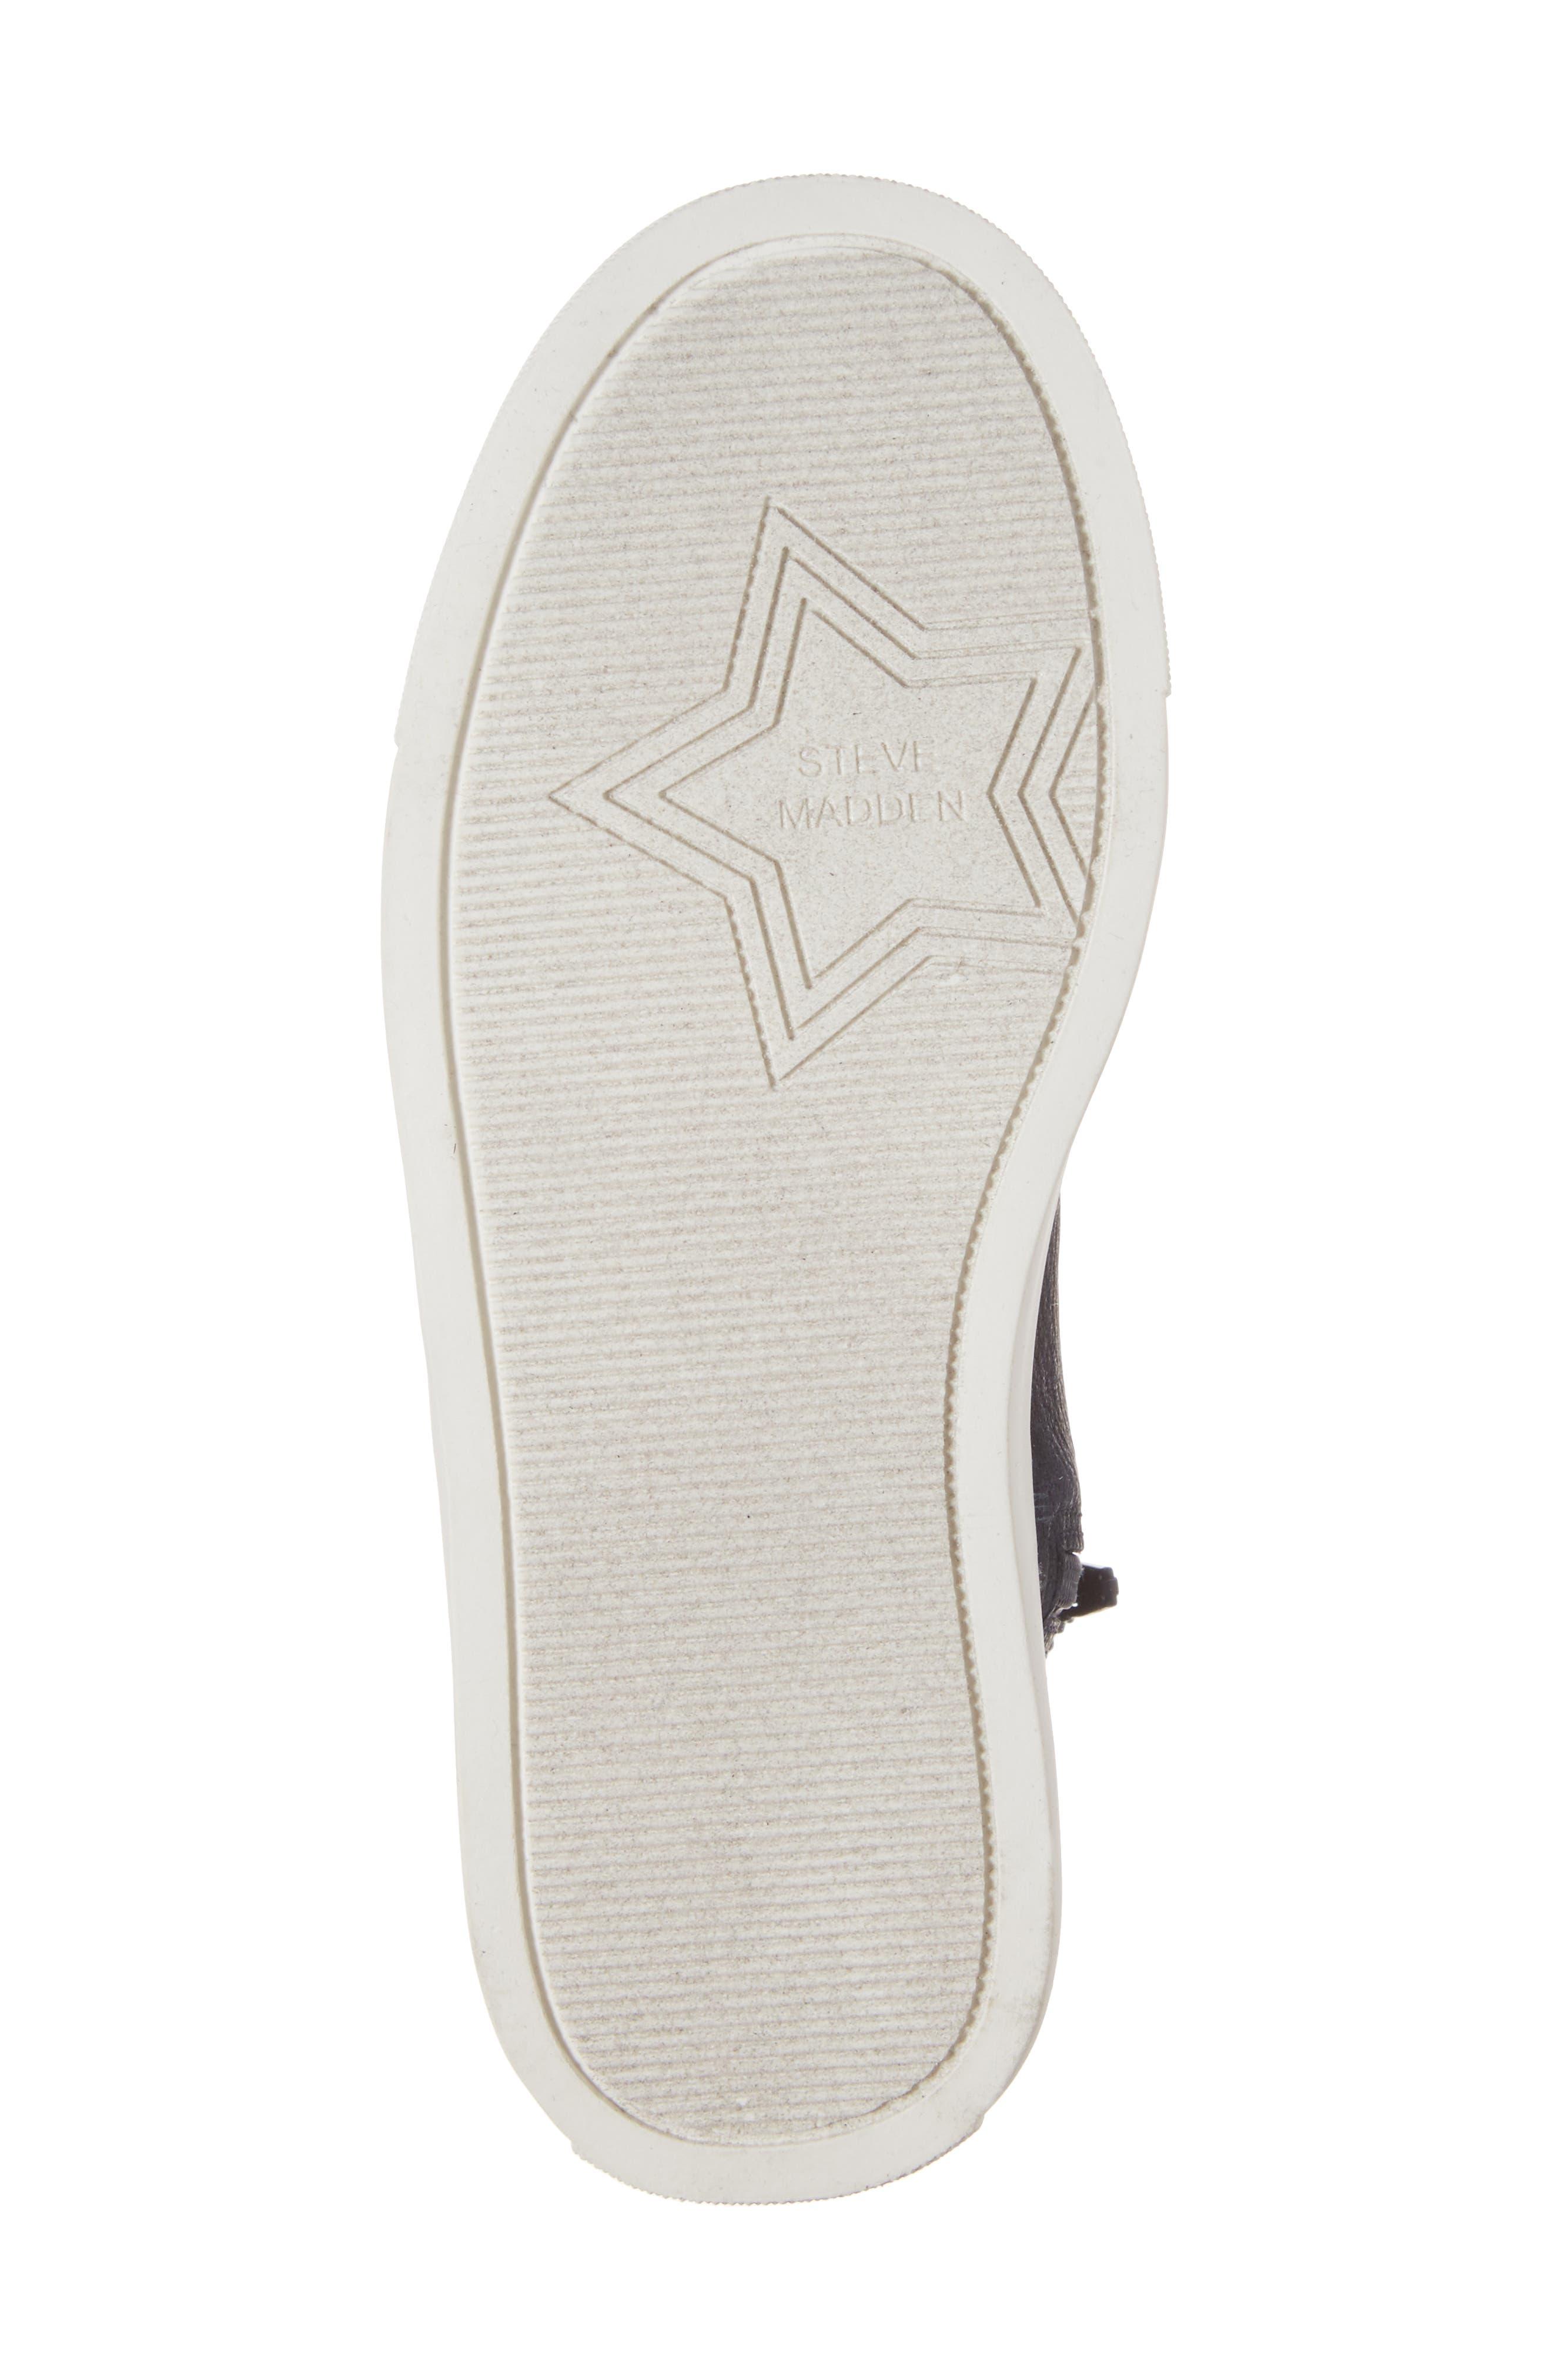 Jflash Glitter Star High Top Sneaker,                             Alternate thumbnail 6, color,                             438